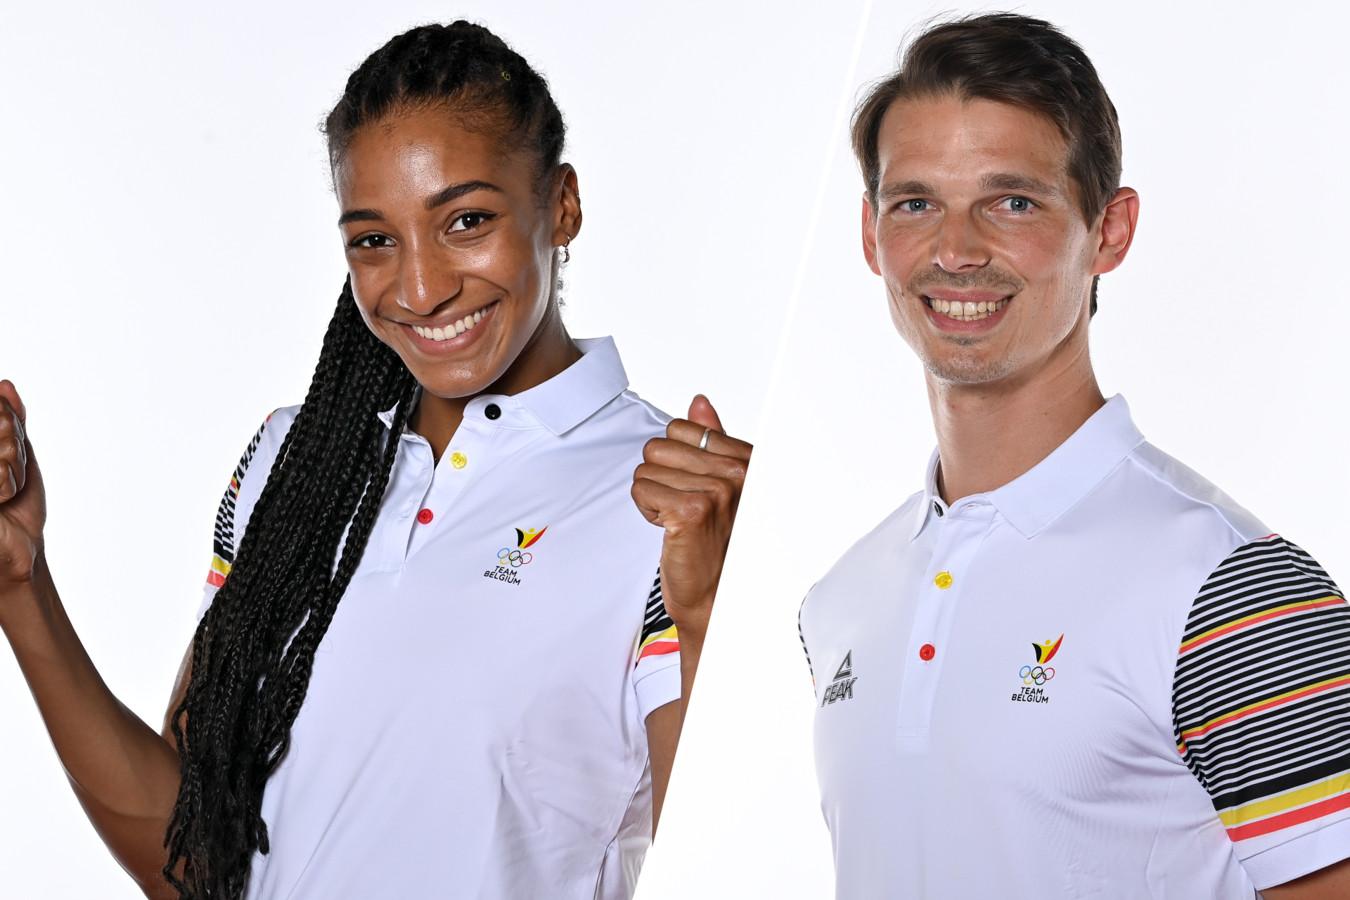 Nafi Thiam et Felix Denayer, les deux porte-drapeaux de la délégation belge pour la cérémonie d'ouverture des Jeux de Tokyo.